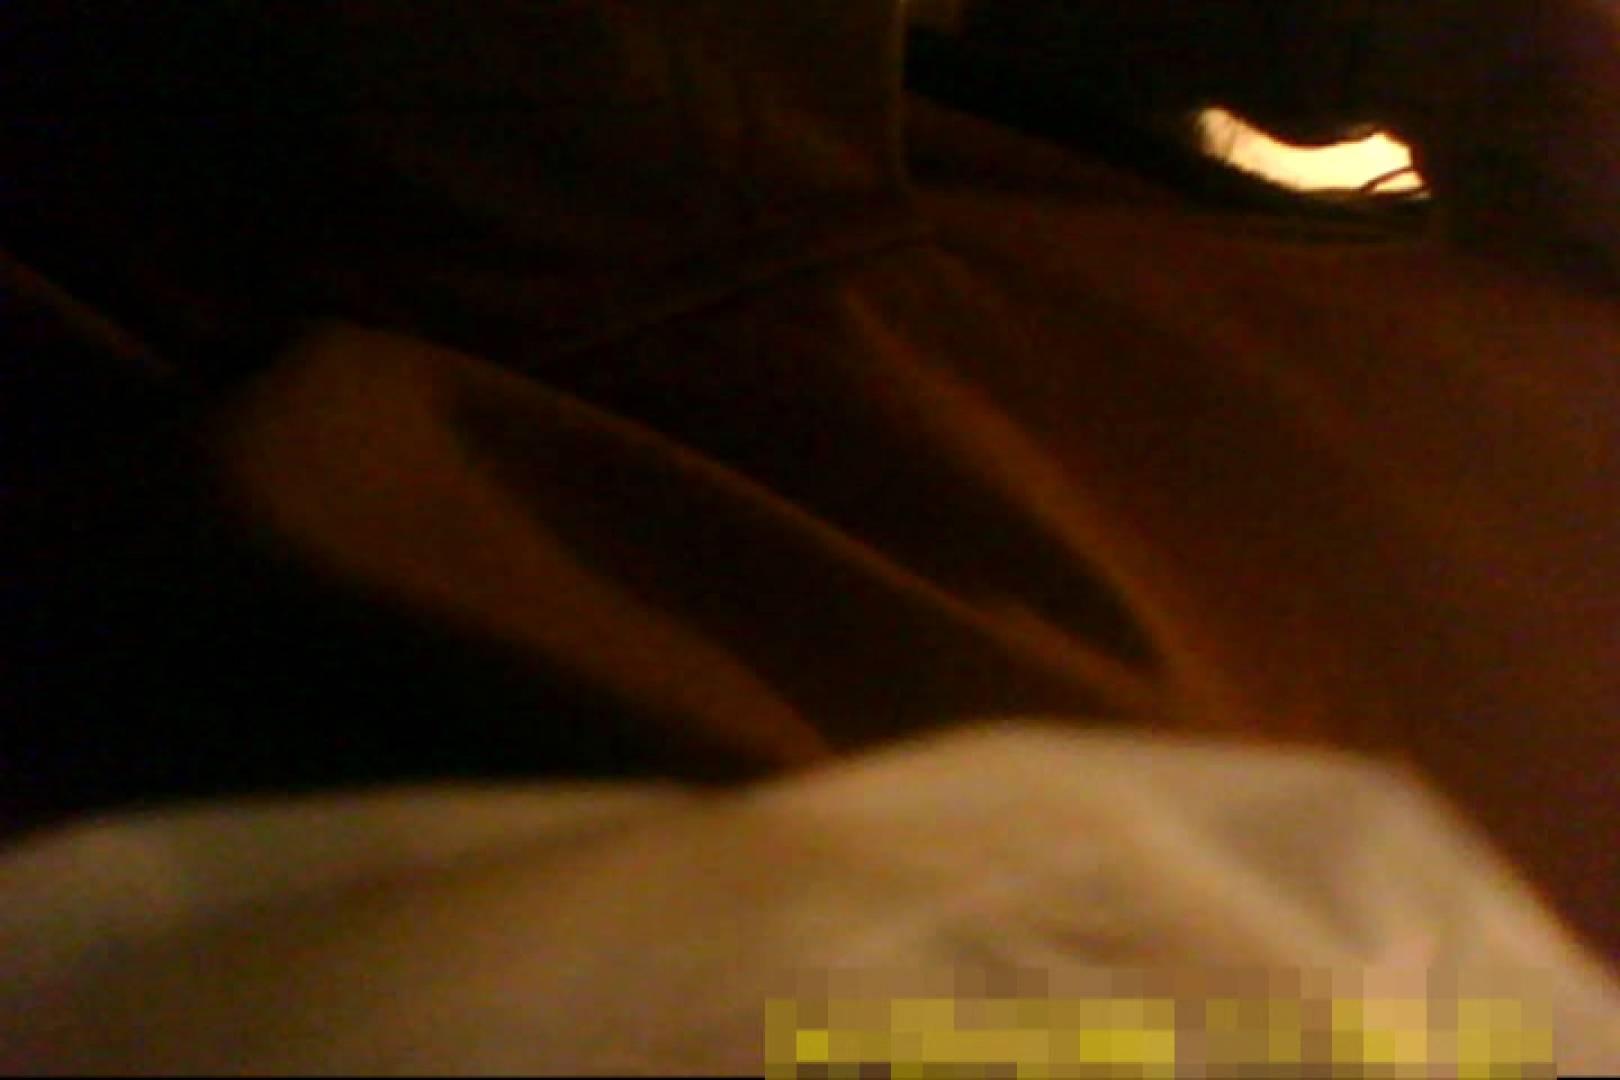 魅惑の化粧室~禁断のプライベート空間~vol.8 エッチな熟女 | プライベート映像  103pic 97